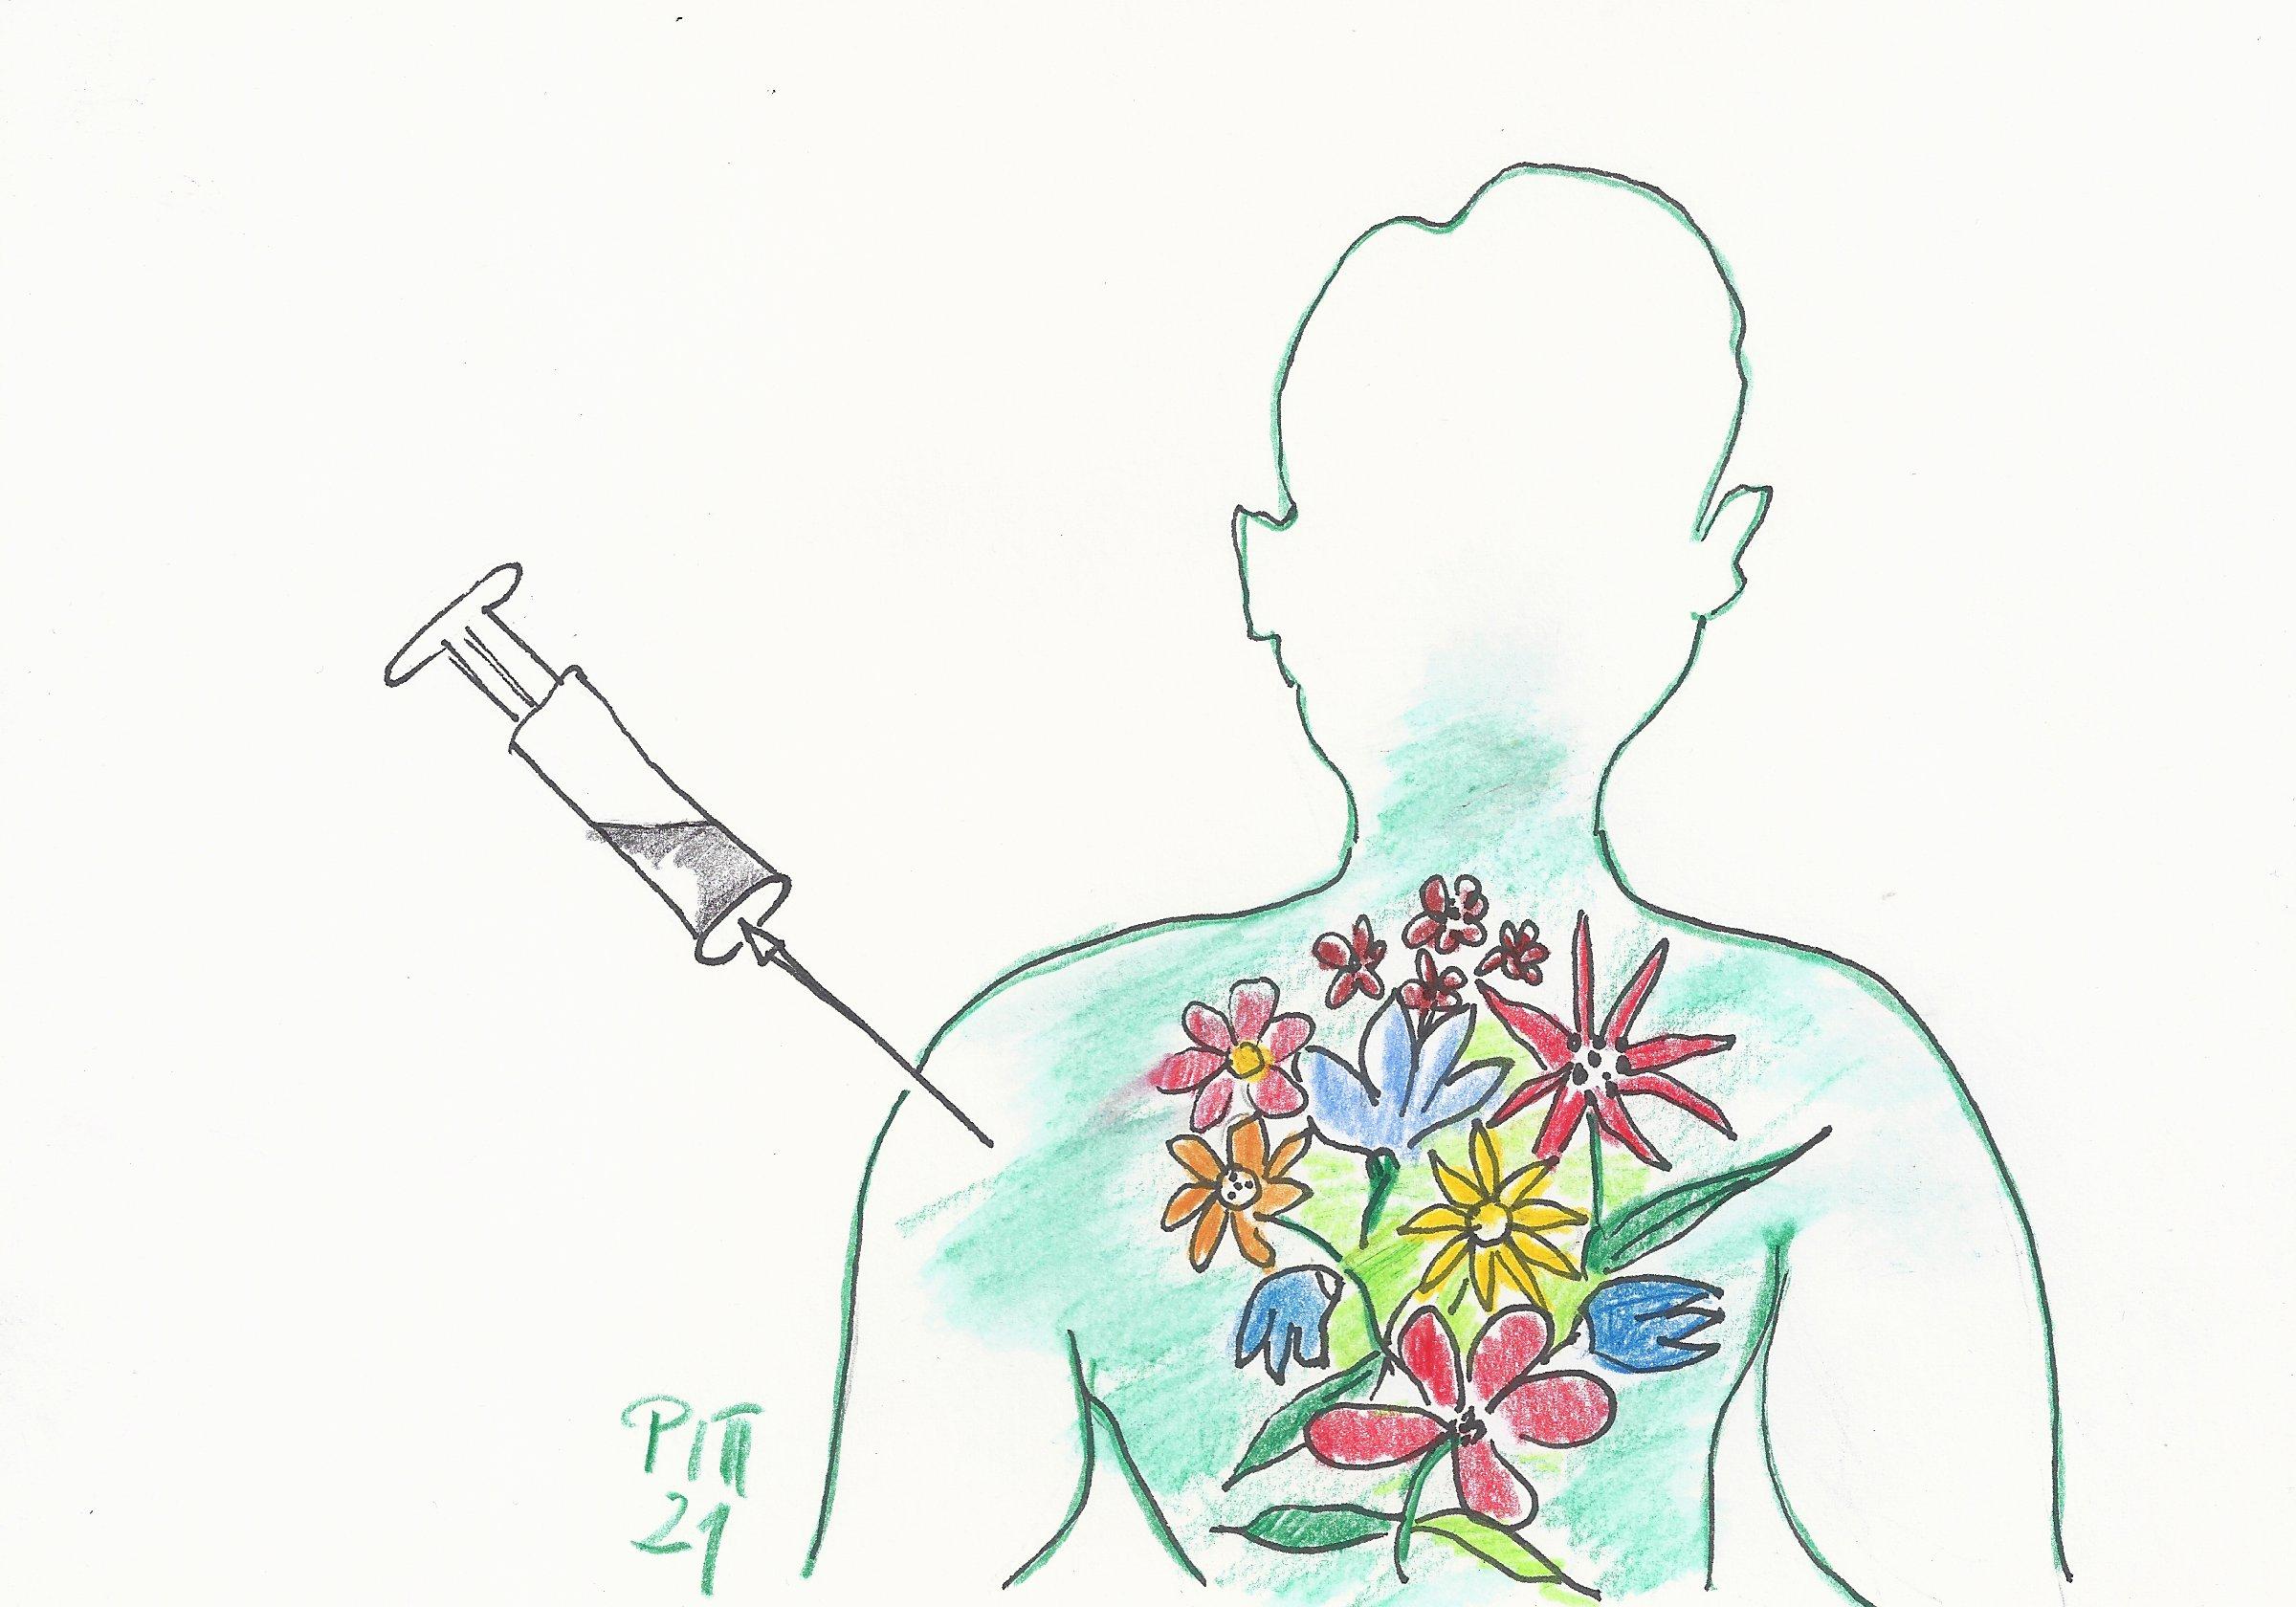 Impfbegleittee